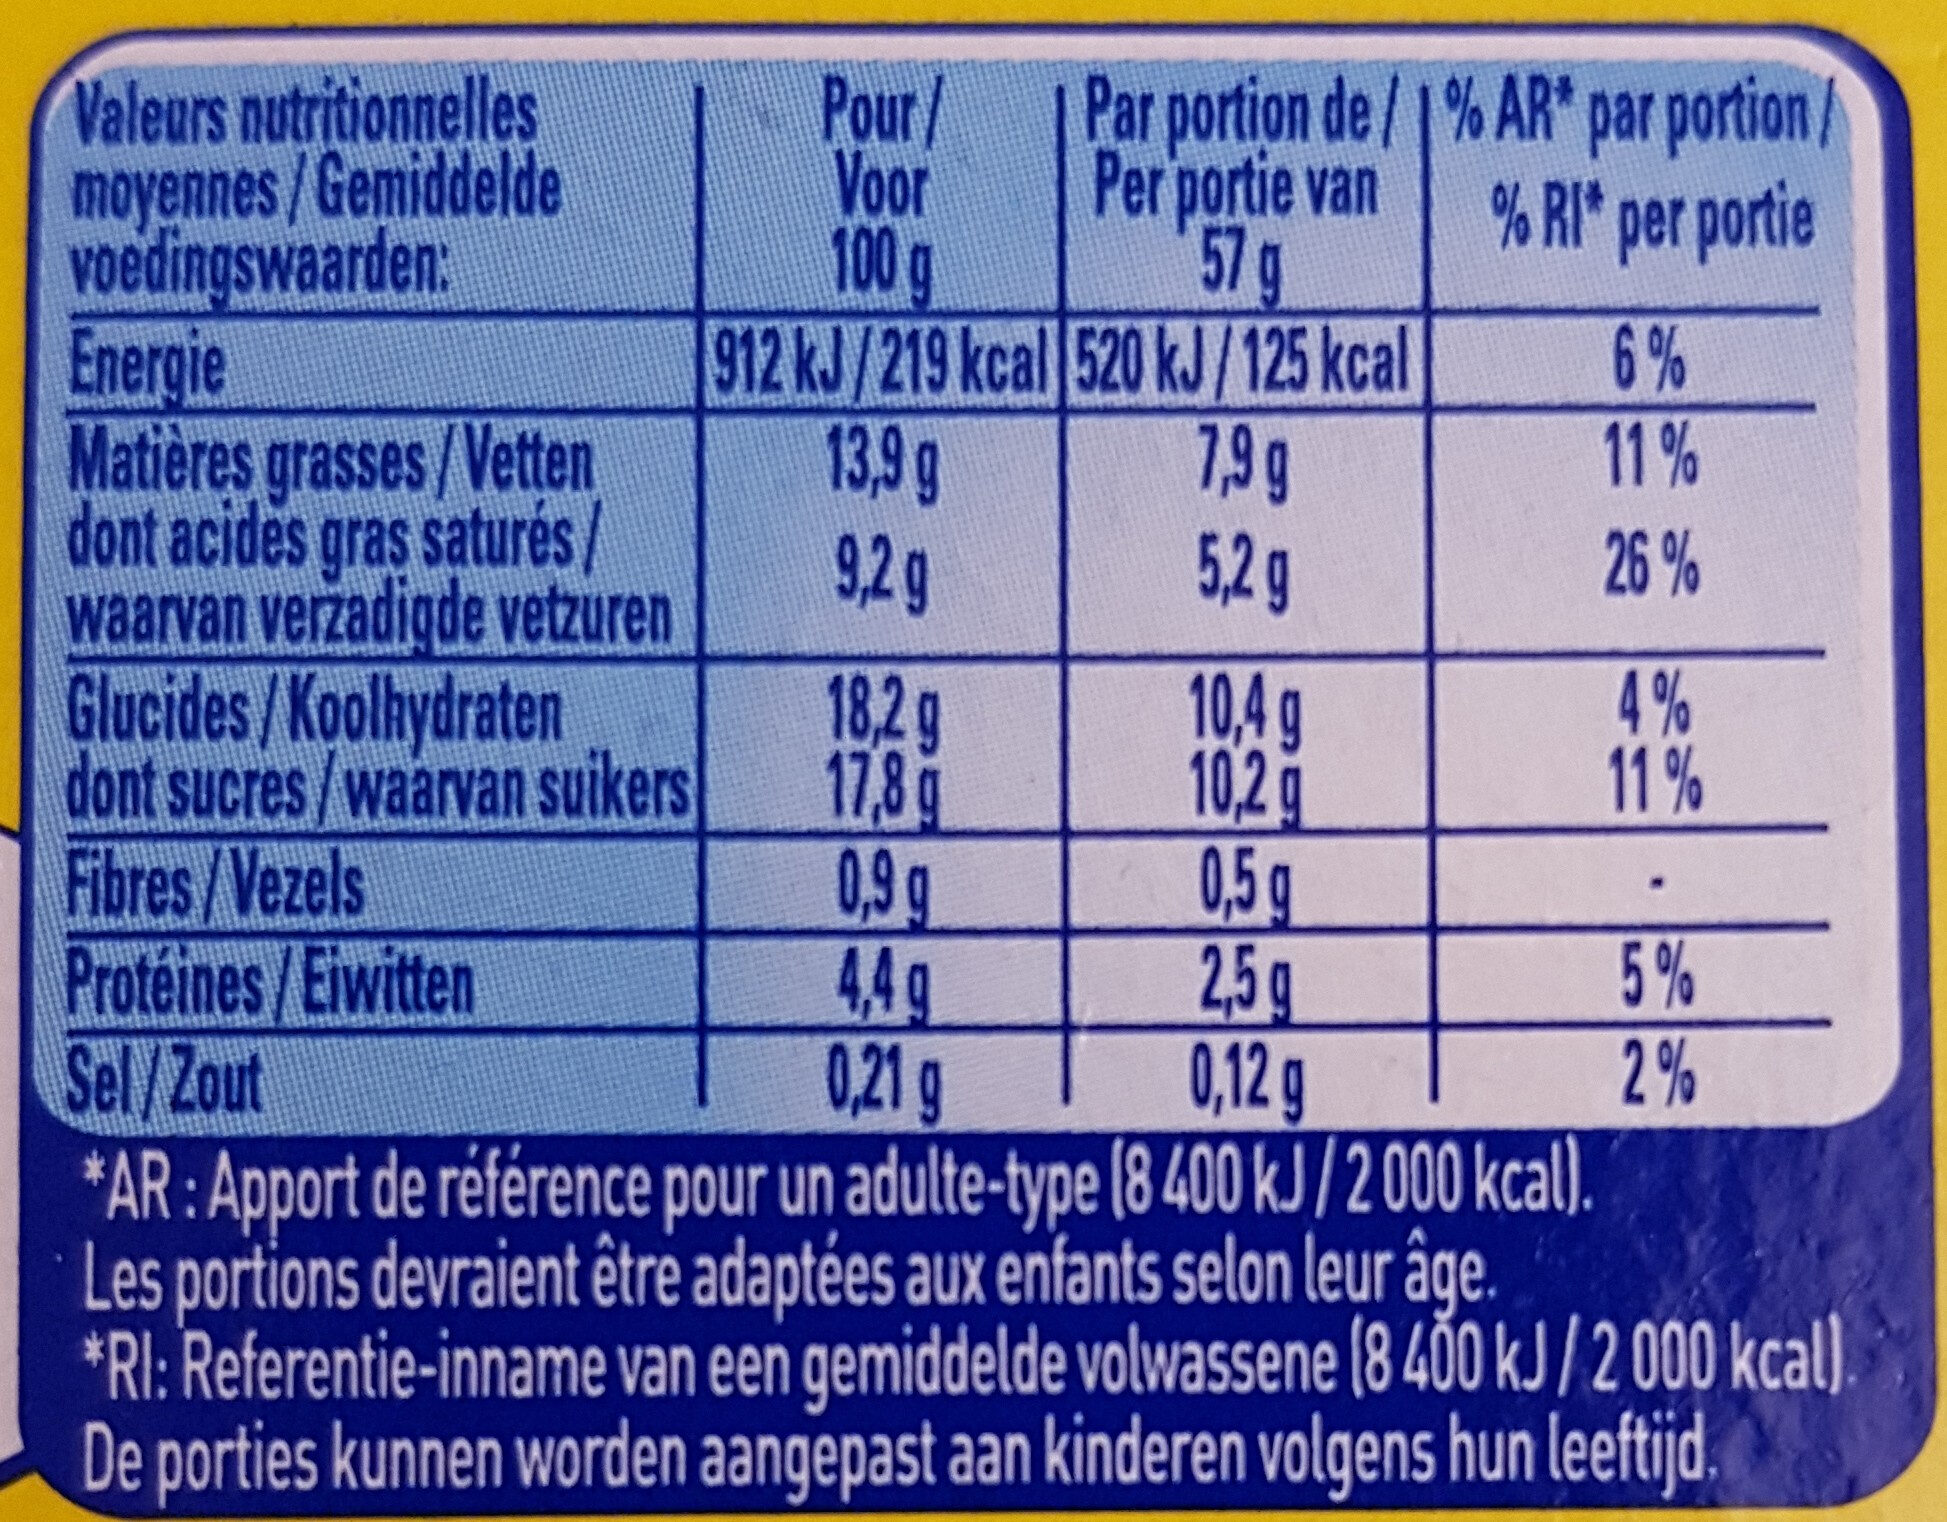 Feuilleté de Mousse Vanille - Informations nutritionnelles - fr